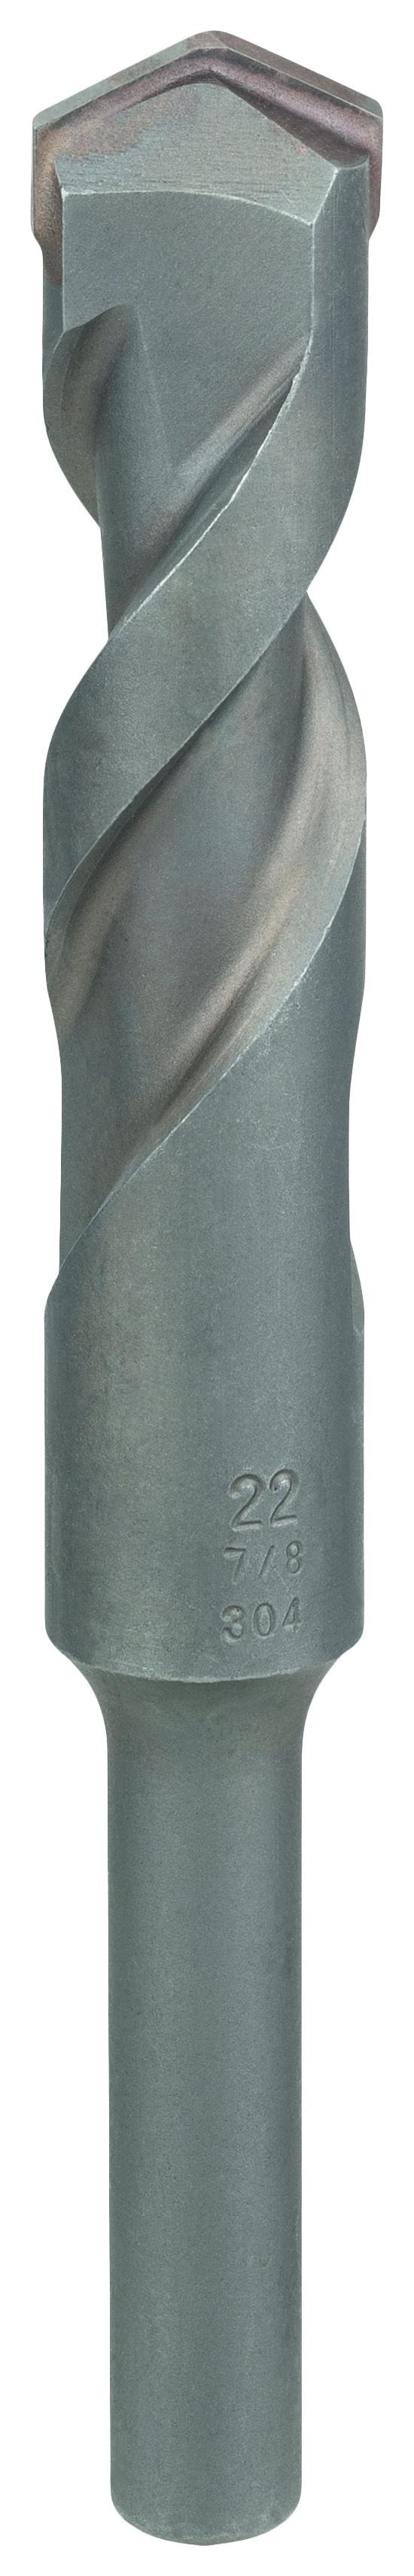 Сверло по бетону Bosch CYL 3 22Х160